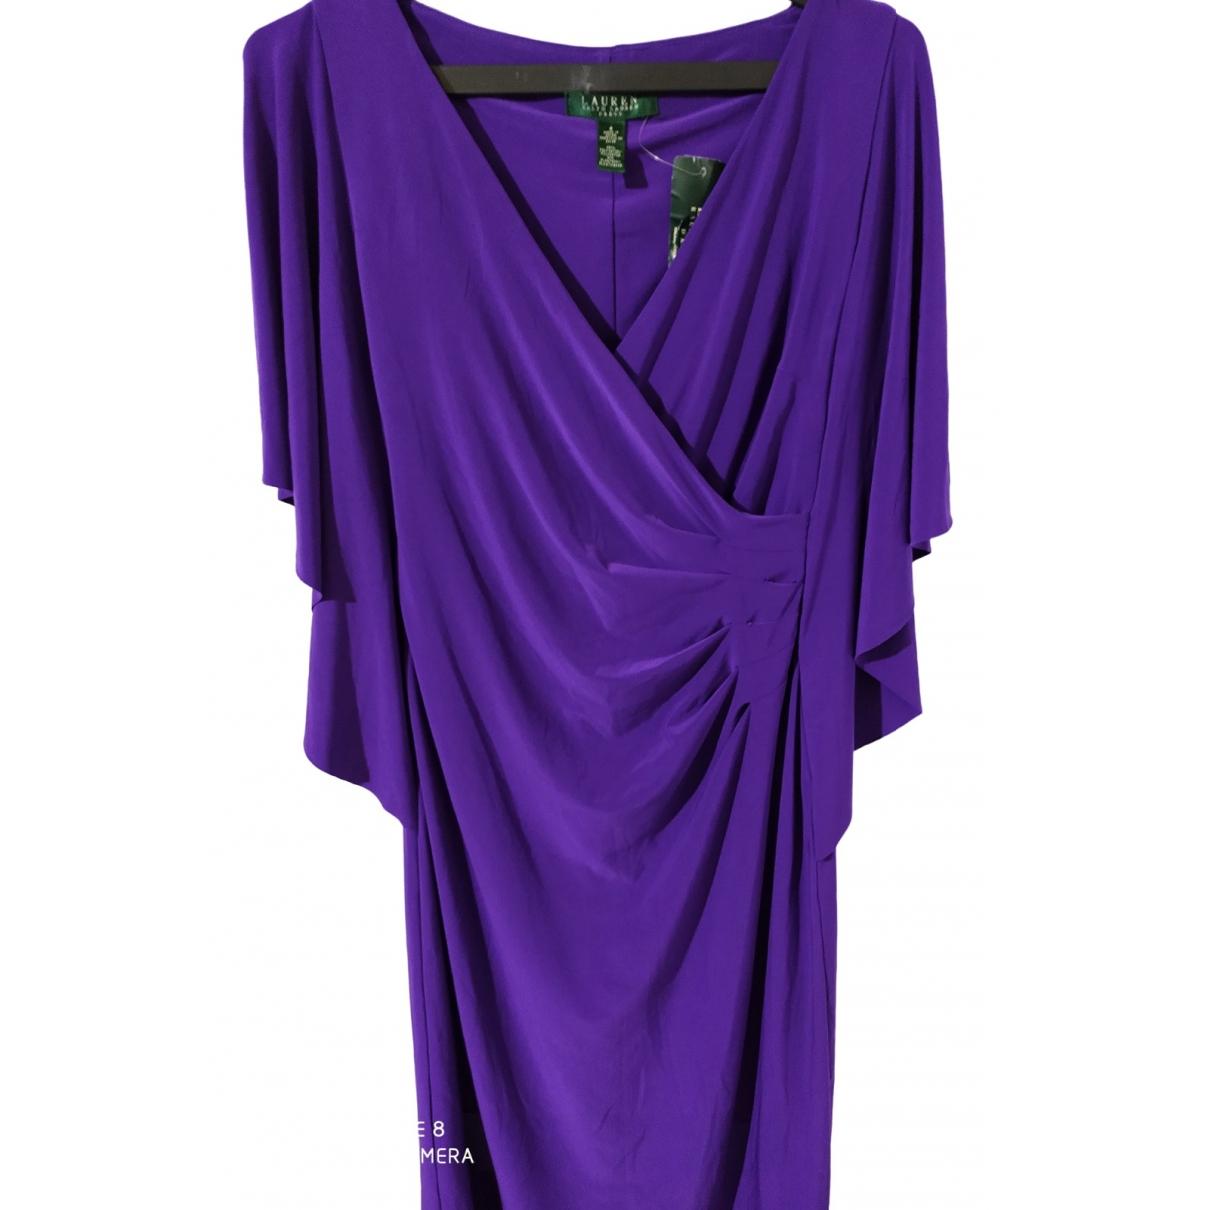 Lauren Ralph Lauren \N Kleid in  Lila Polyester